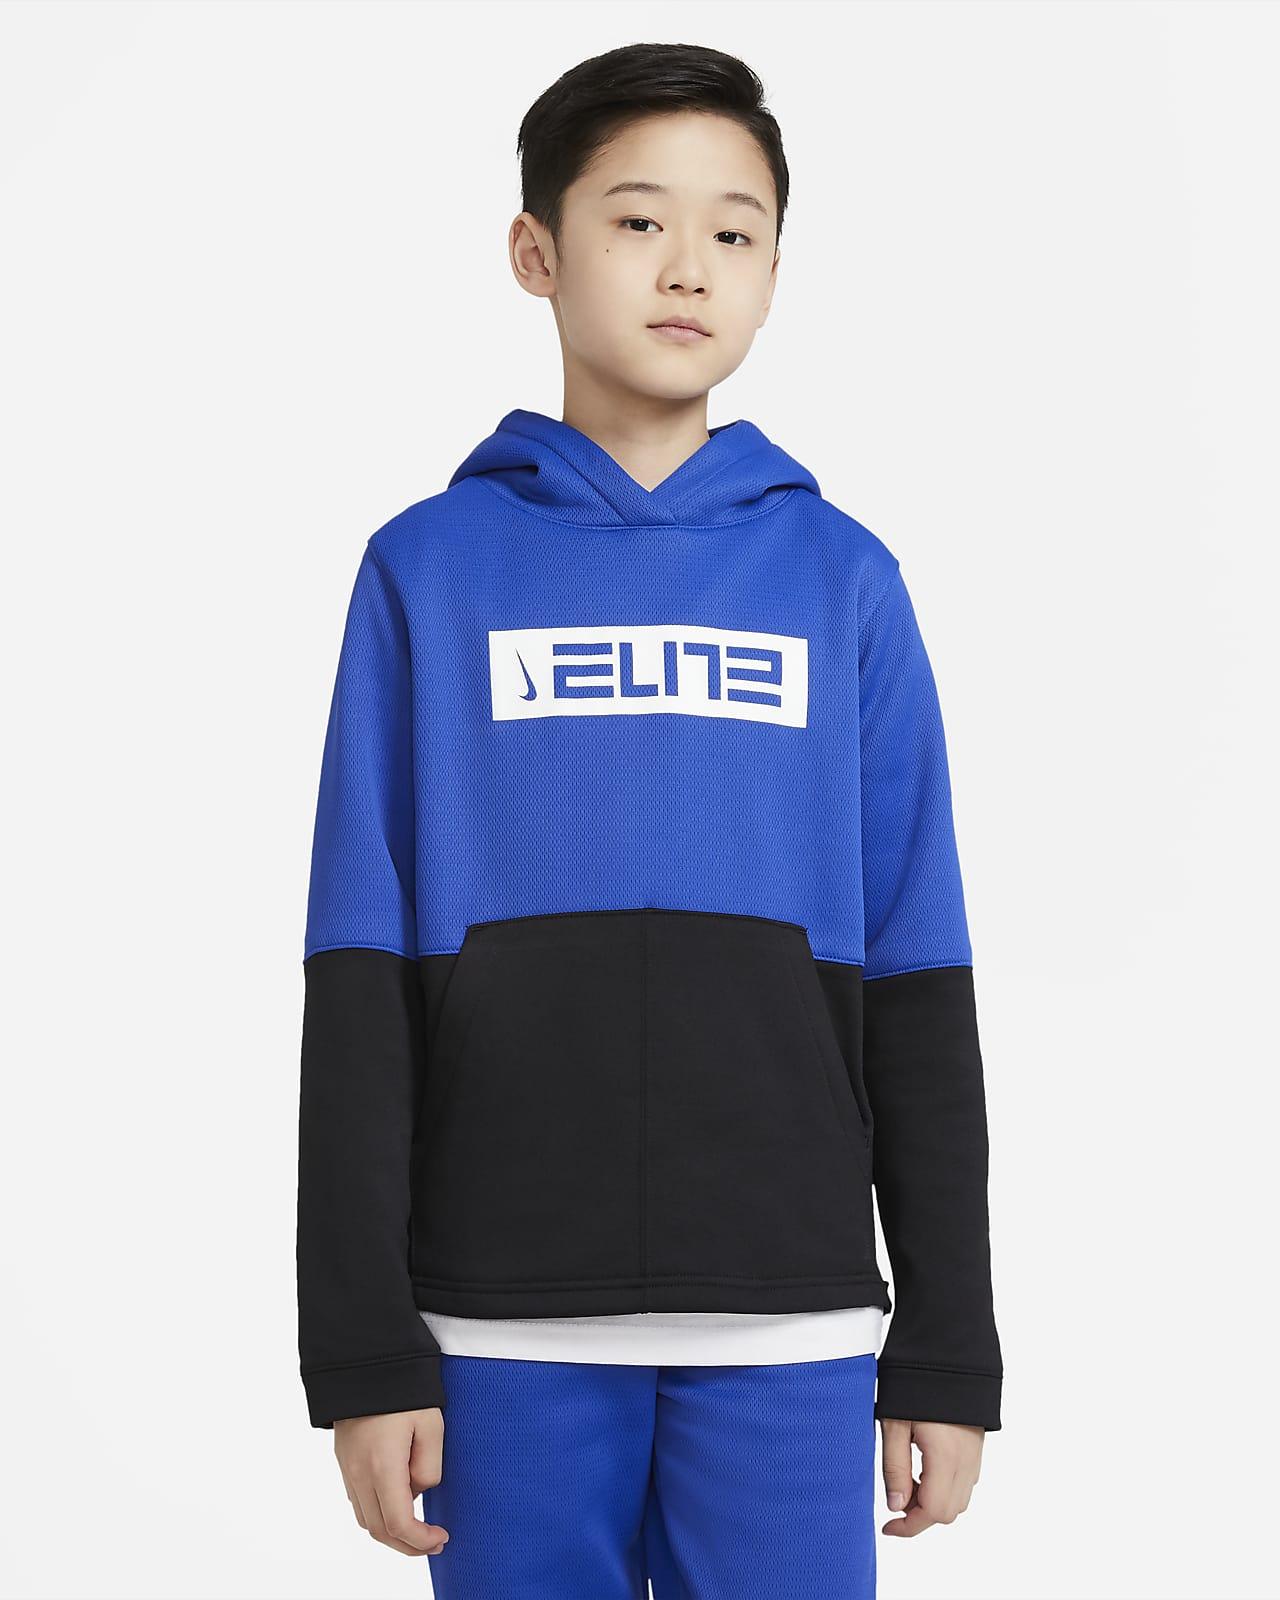 Nike Therma Elite Big Kids' Pullover Basketball Hoodie